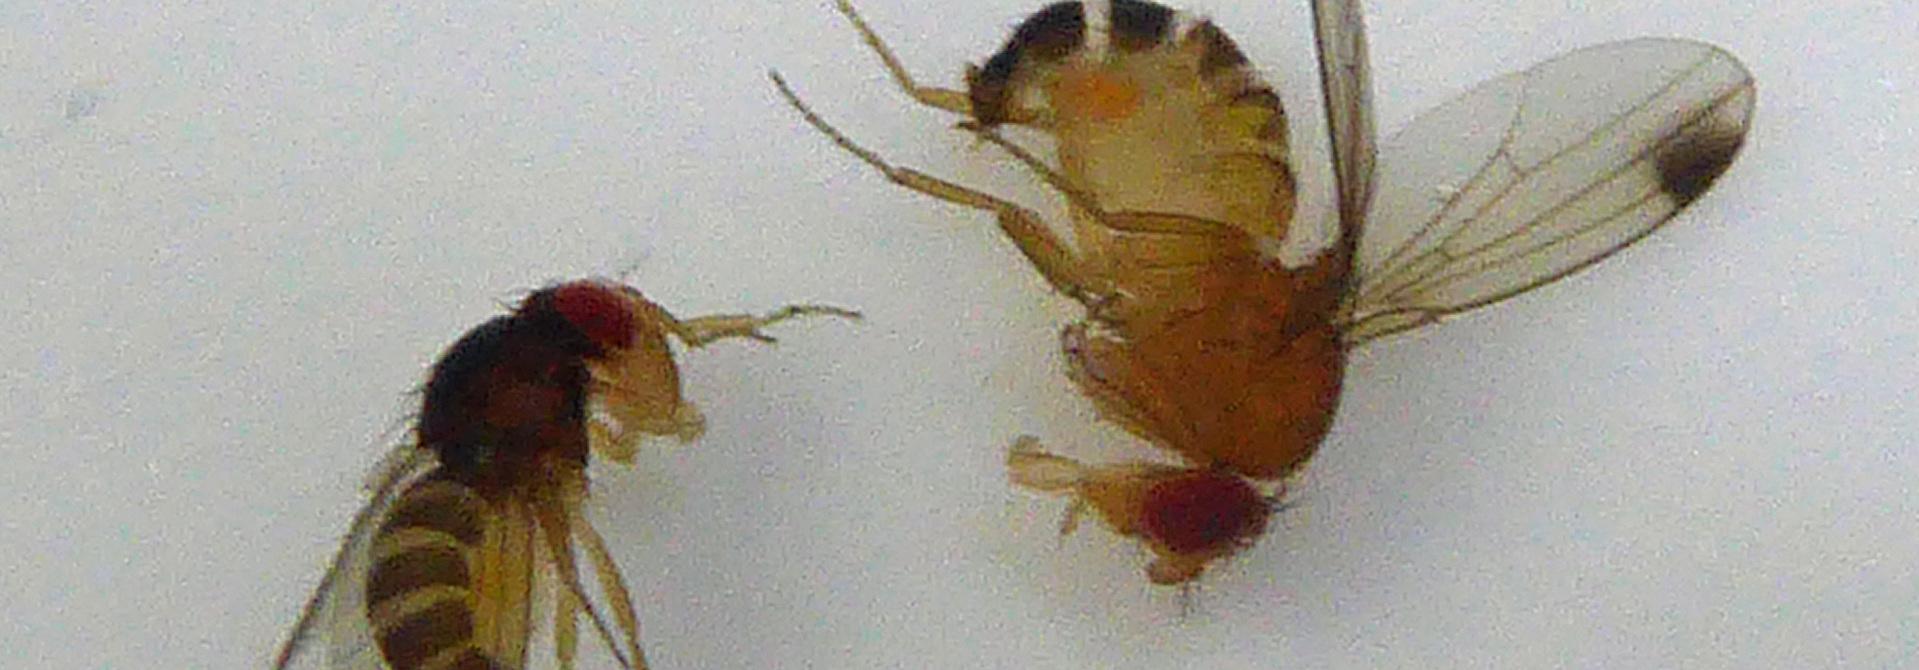 Die einzelnen Individuen der KEF ku00f6nnen sich stark unterscheiden. Sowohl in der Gru00f6sse, als auch in der Fu00e4rbung. Hier im Bild zwei mu00e4nnliche Exemplare. Das dunklere ist eine typische Winterform.>